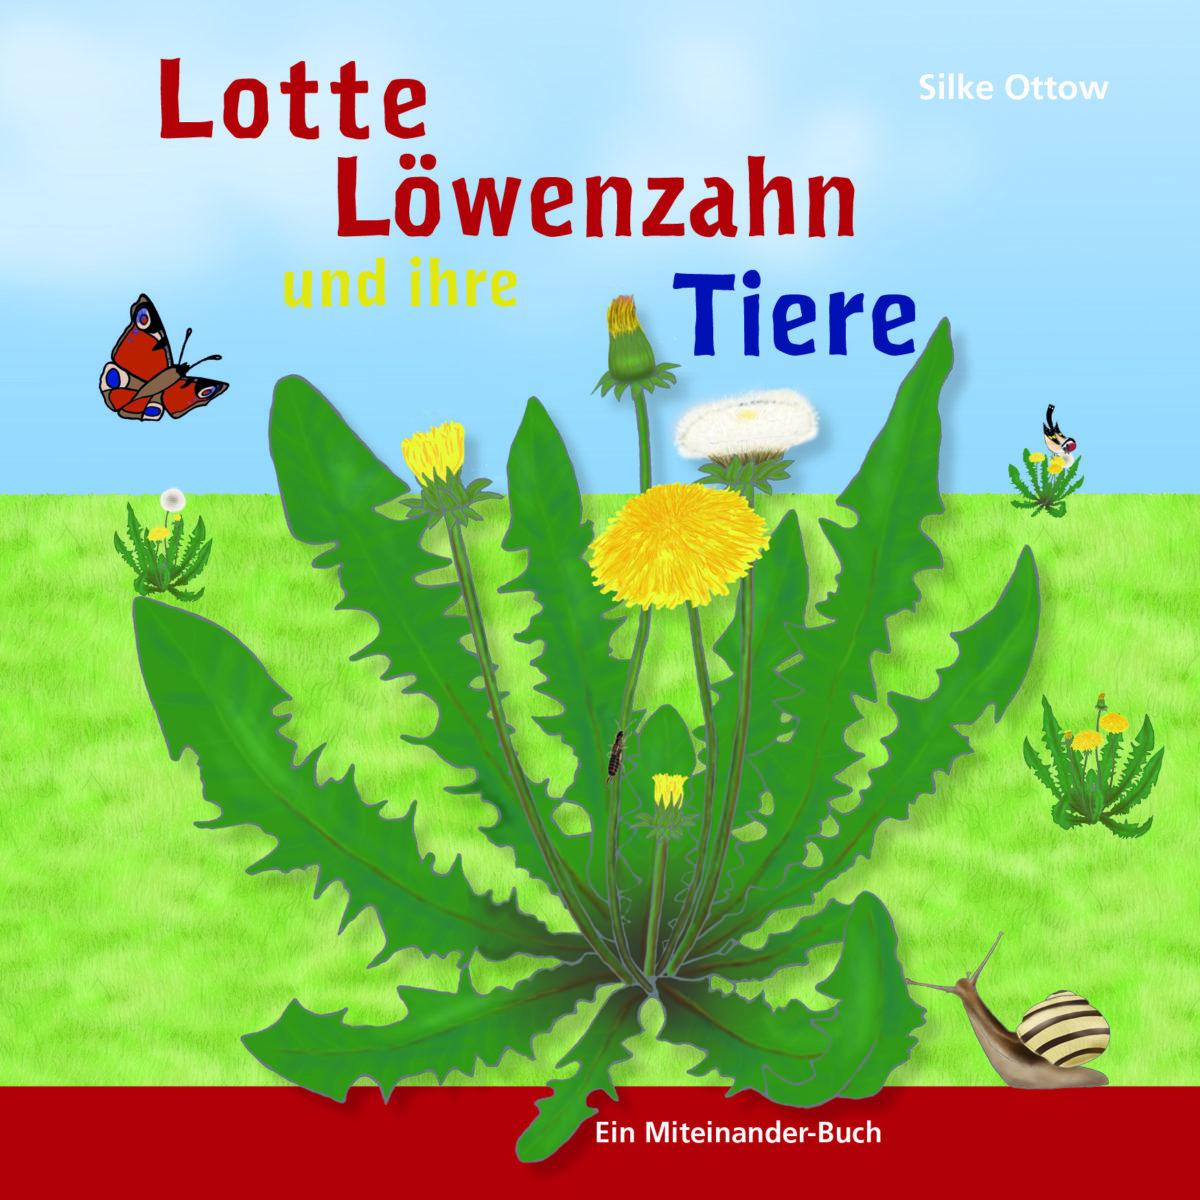 Lotte Löwenzahn und ihre Tiere